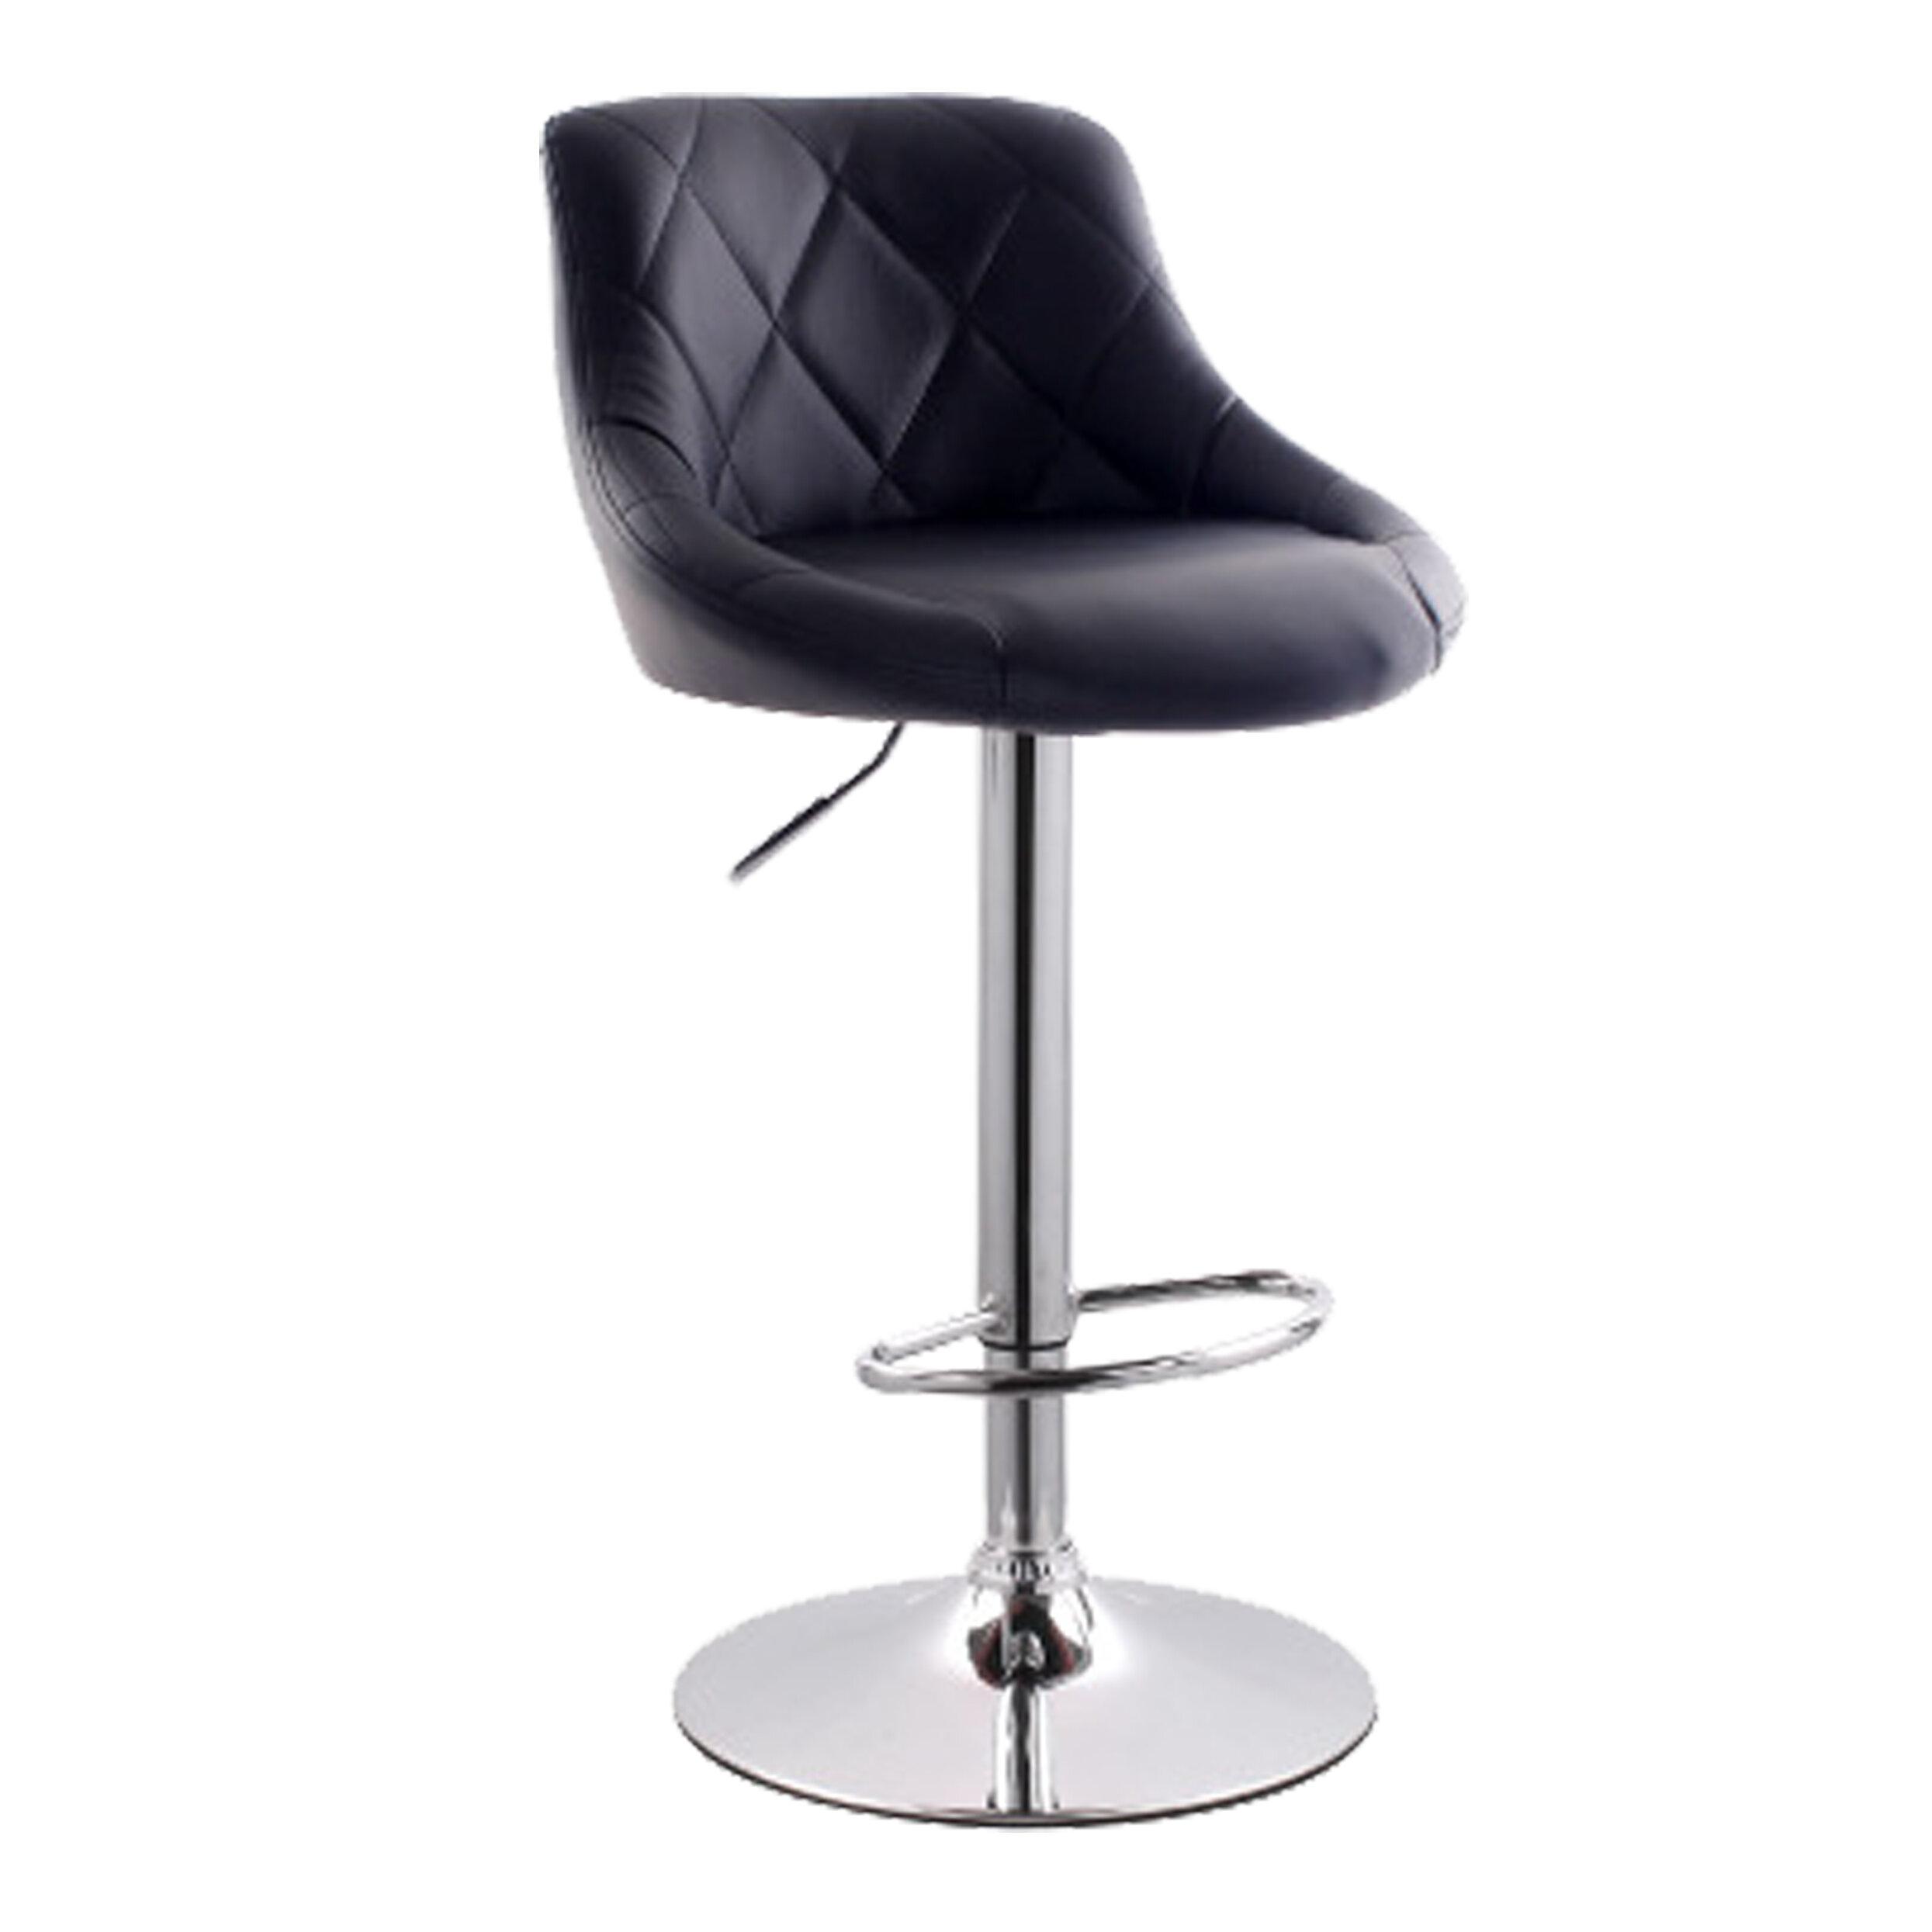 46ea984626b539 Tabourets de bar en bois  Style d assise - Assise ronde   Wayfair.ca